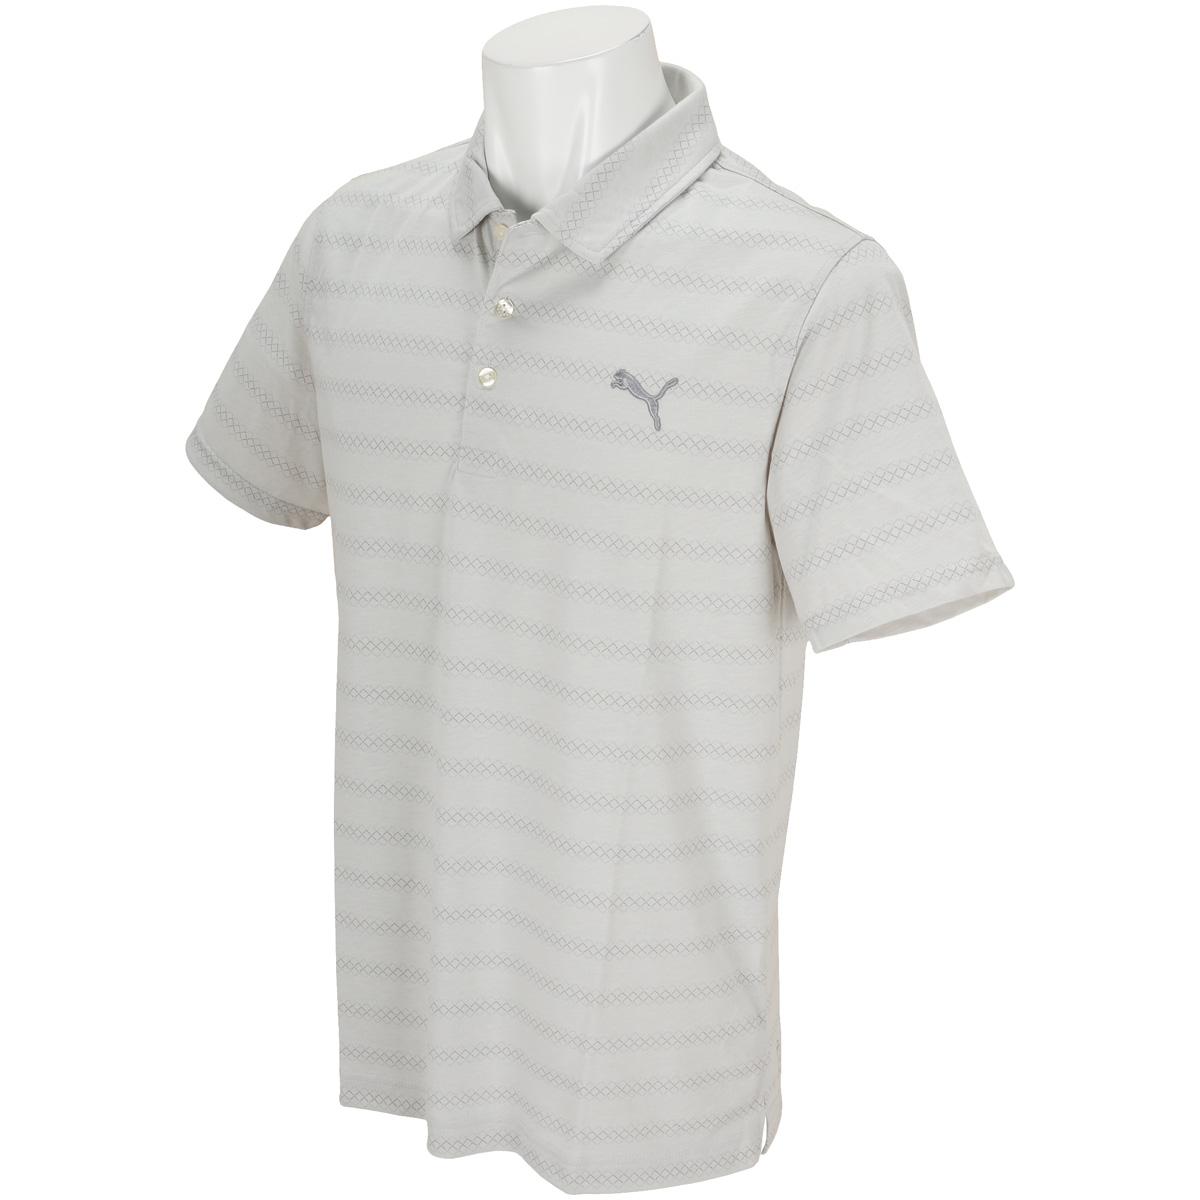 サンデーズ 半袖ポロシャツ